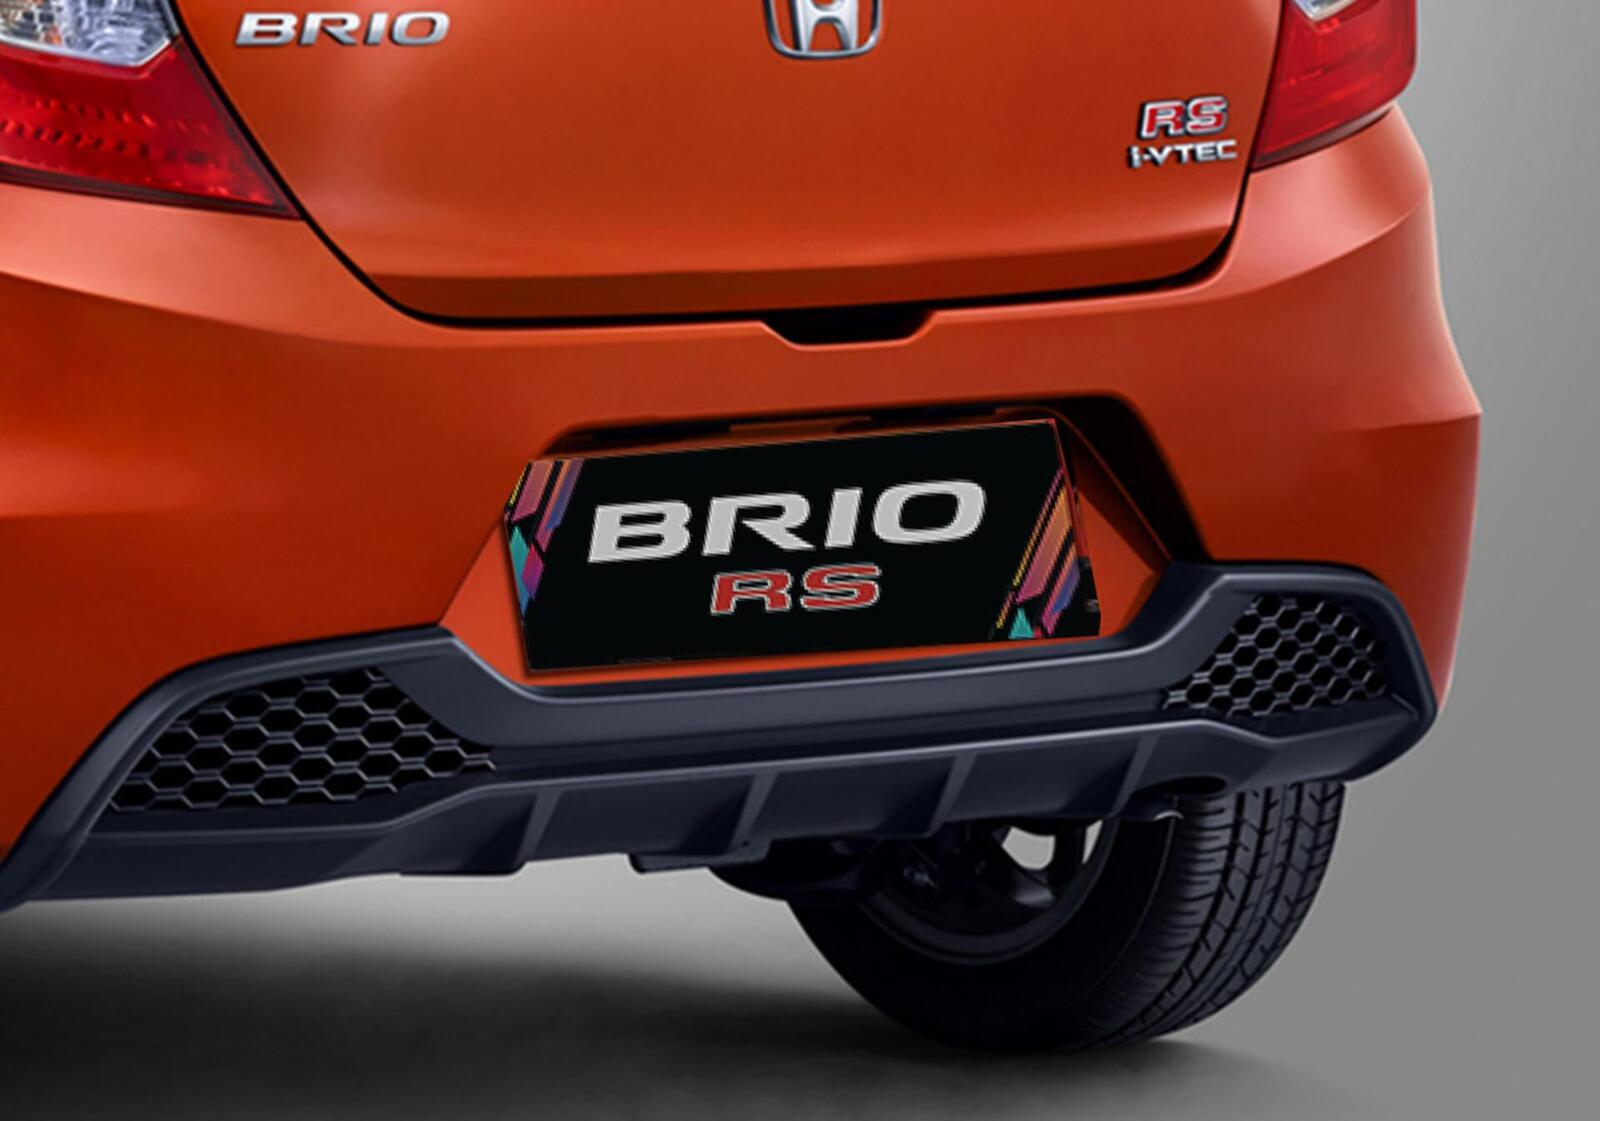 Dự đoán 3 phiên bản Honda Brio sắp ra mắt vào ngày 18.06 sắp tới - Hình 22